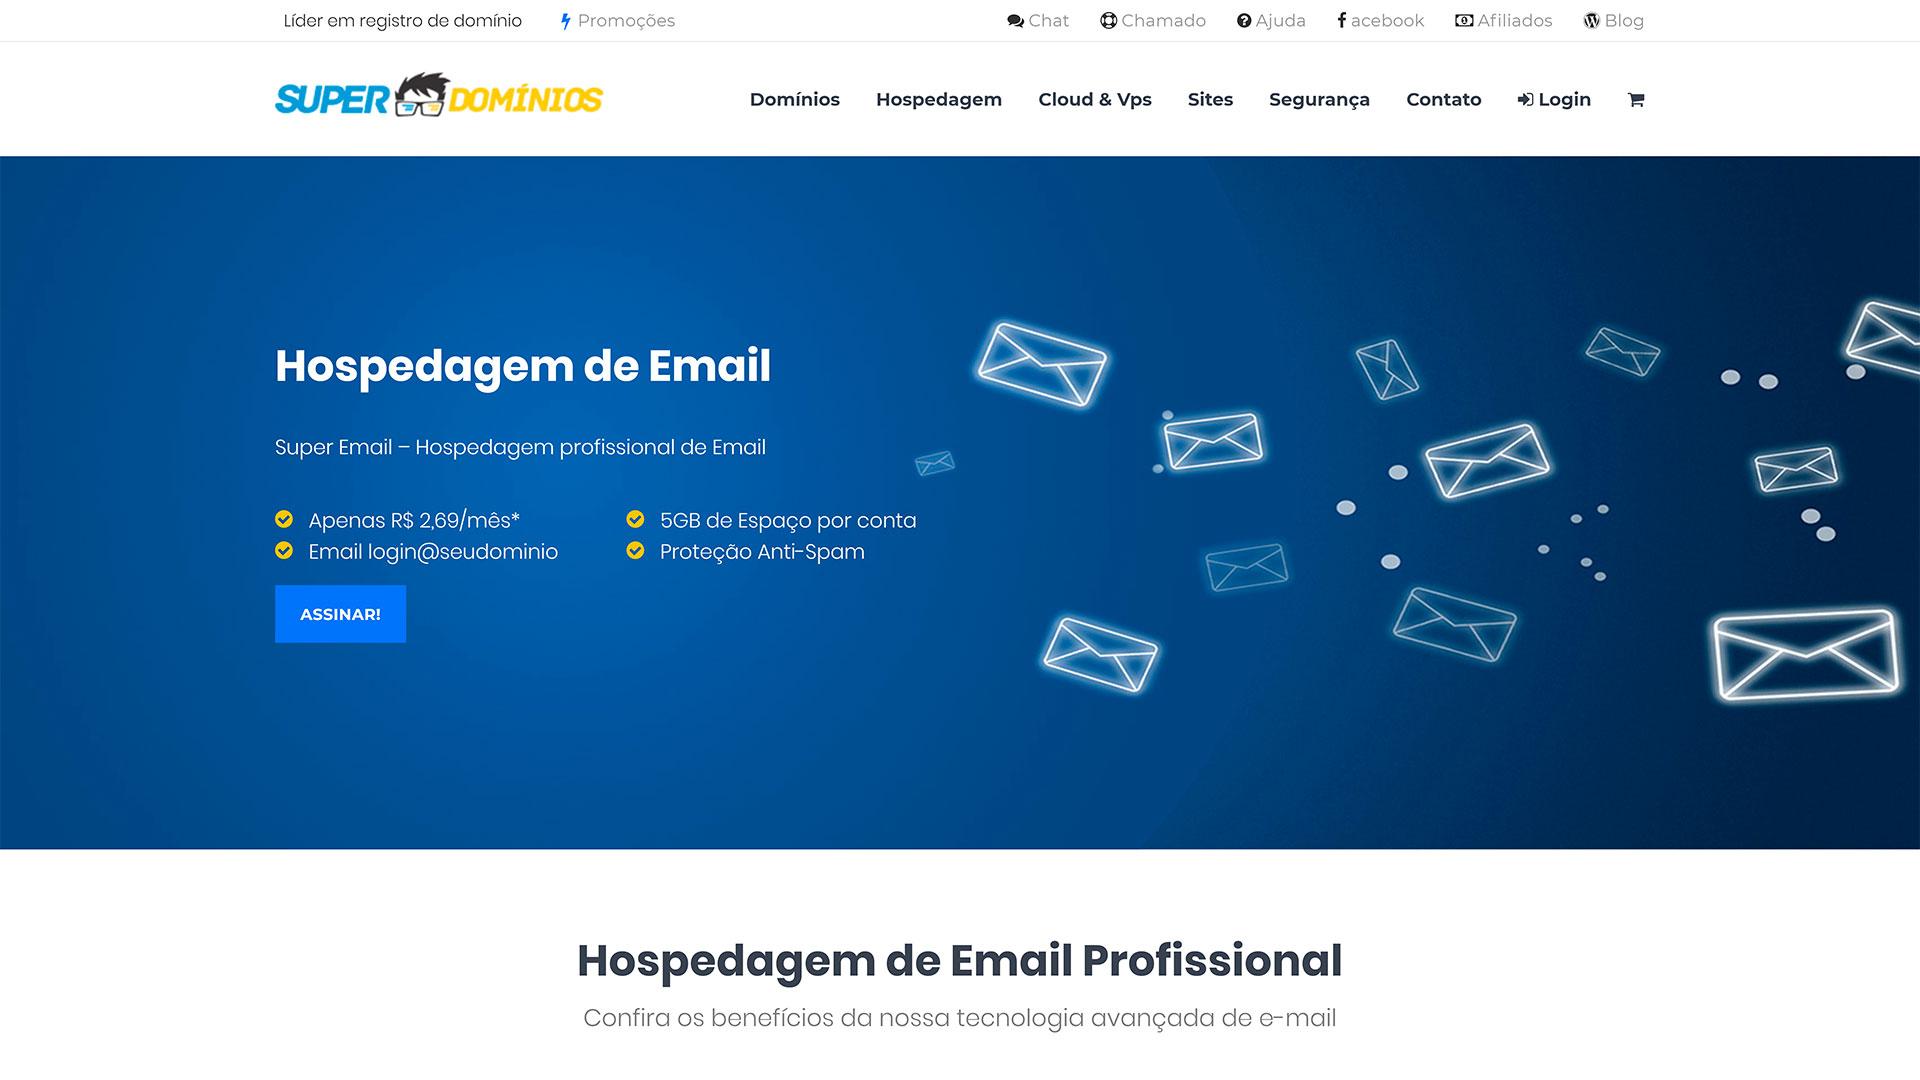 Super Domínios.org - hospedagem de e-mail